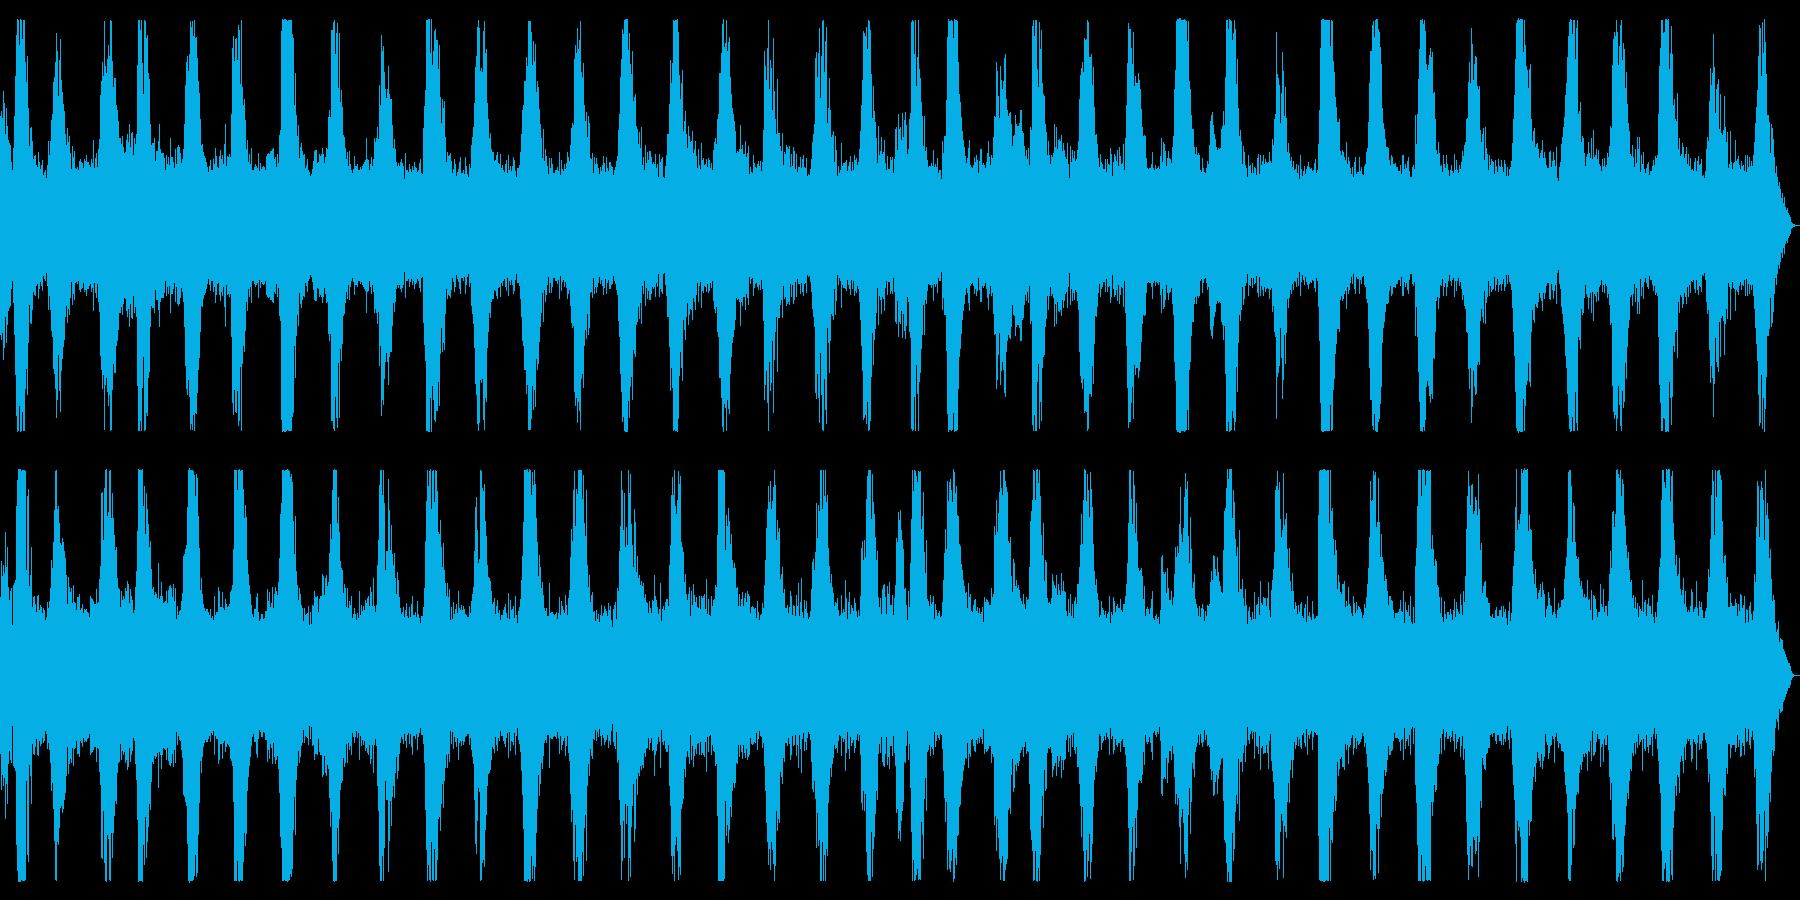 ダークアンビエント ホラーなノイズBGMの再生済みの波形